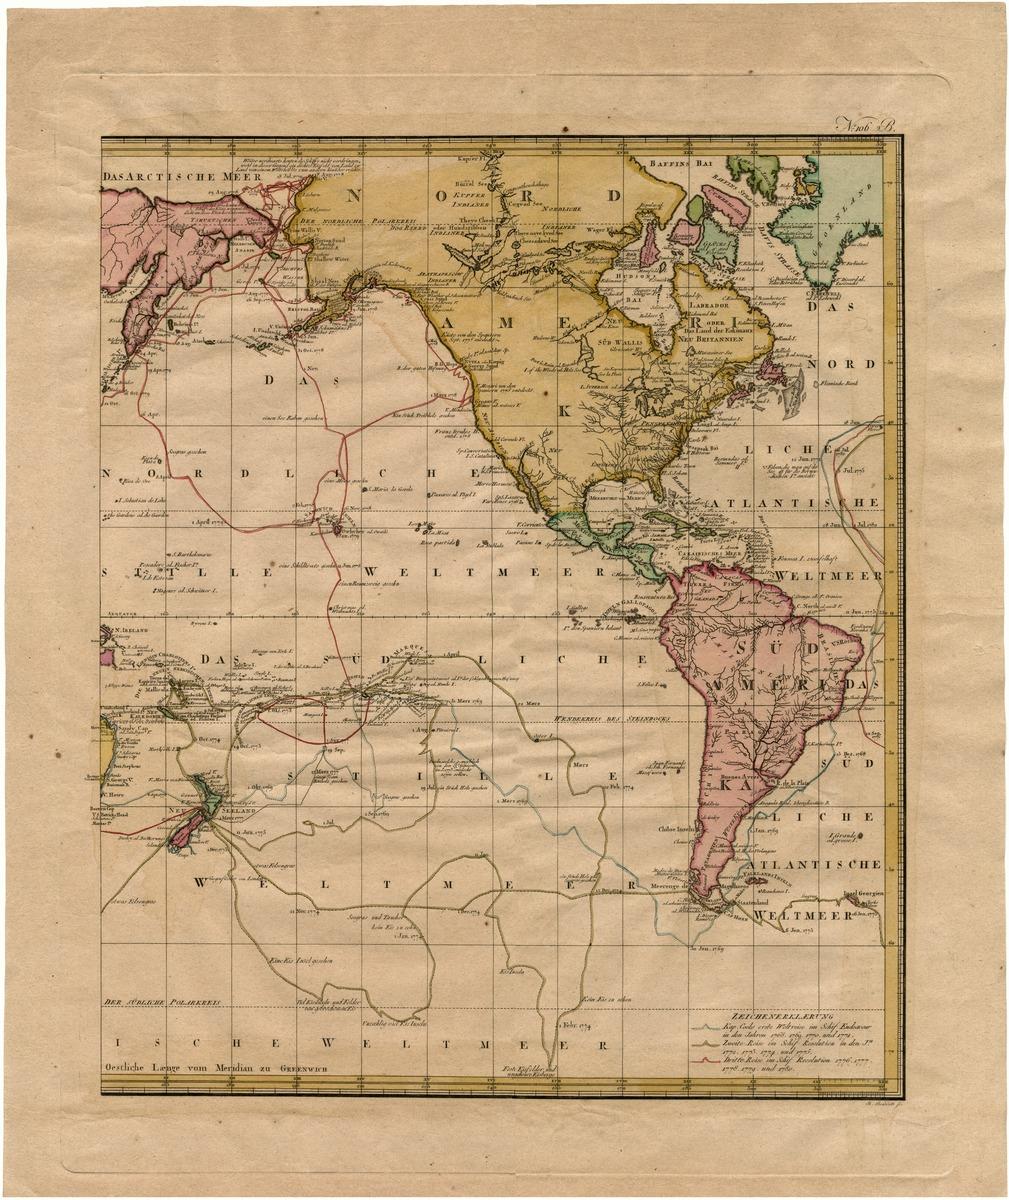 Generalkarte saemmtlicher Entdeckungen auf den drei grossen Weltreisen des Kapit Jakob Cook . . .